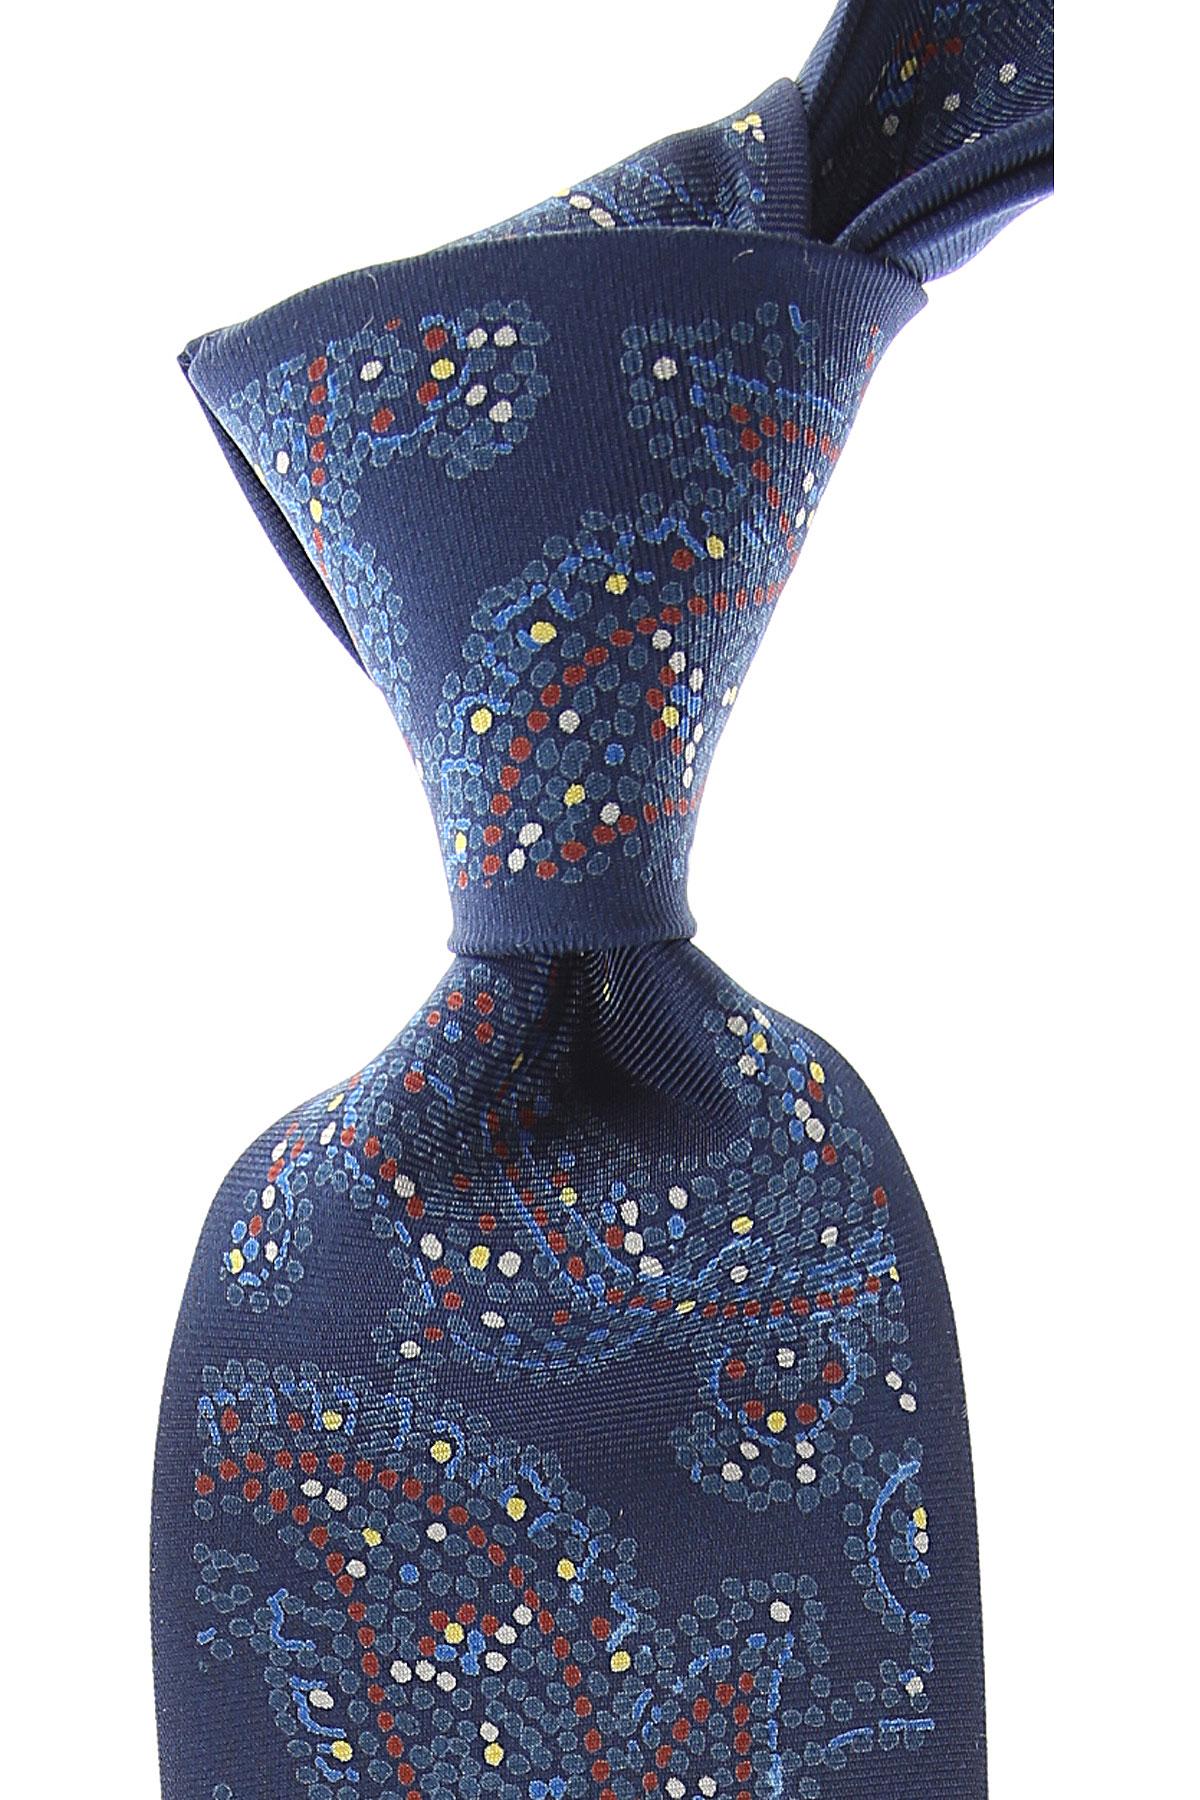 Mila Schön Cravates Pas cher en Soldes, Bleu moyen, Soie, 2019